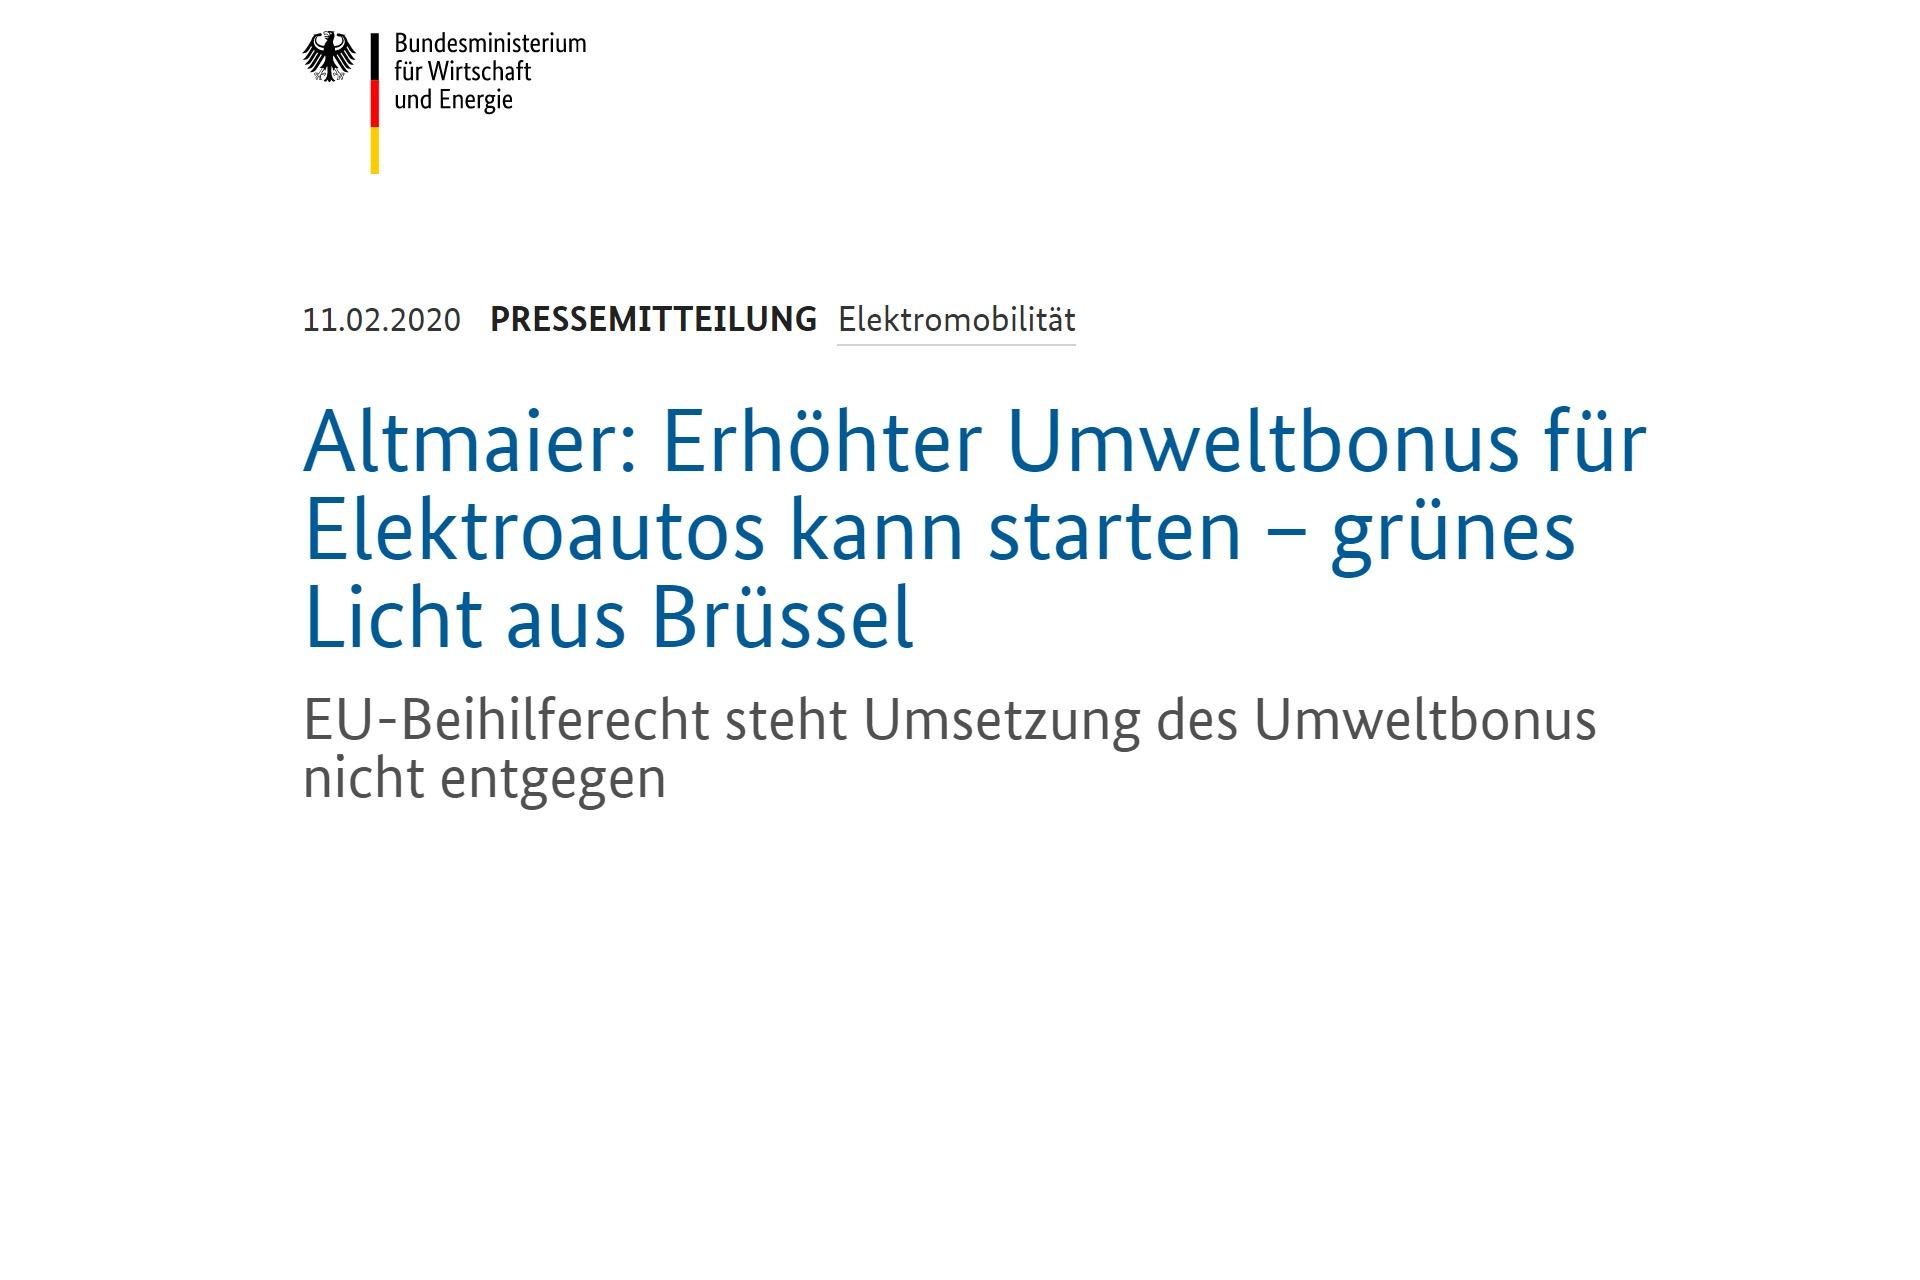 Umweltbonus Umweltprämie Elektroauto Färderung Altmaier Brüssel Bundesministerium für Wirtschaft und Energie